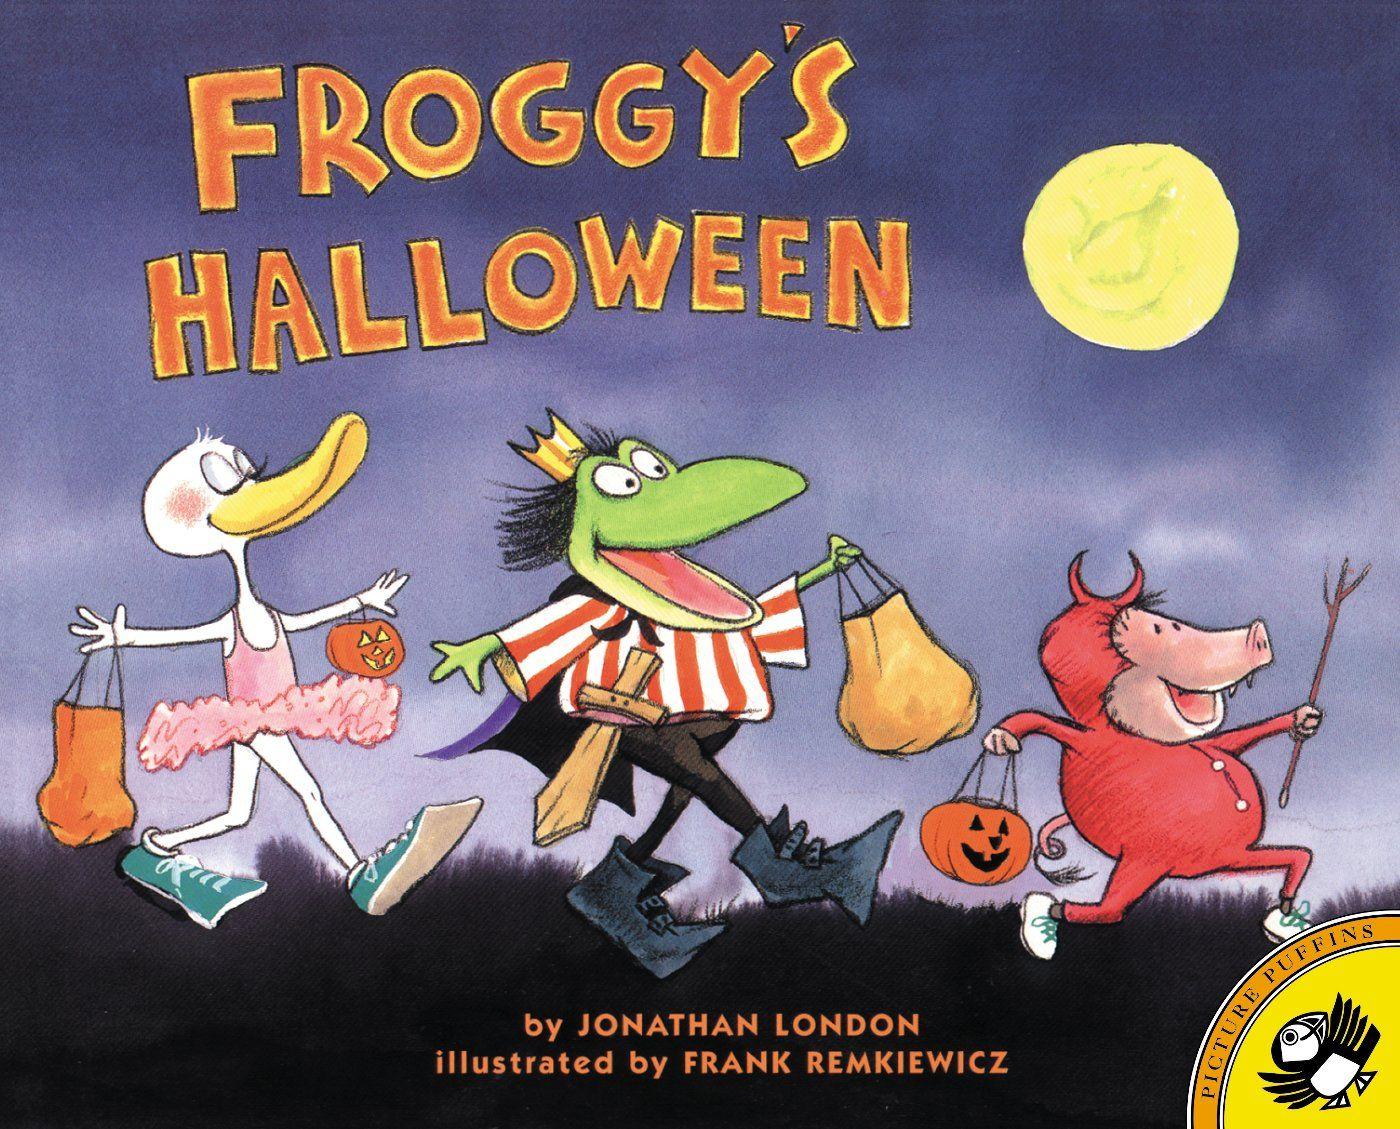 froggys halloween jonathan london frank remkiewicz 9780142300688 amazonsmile books